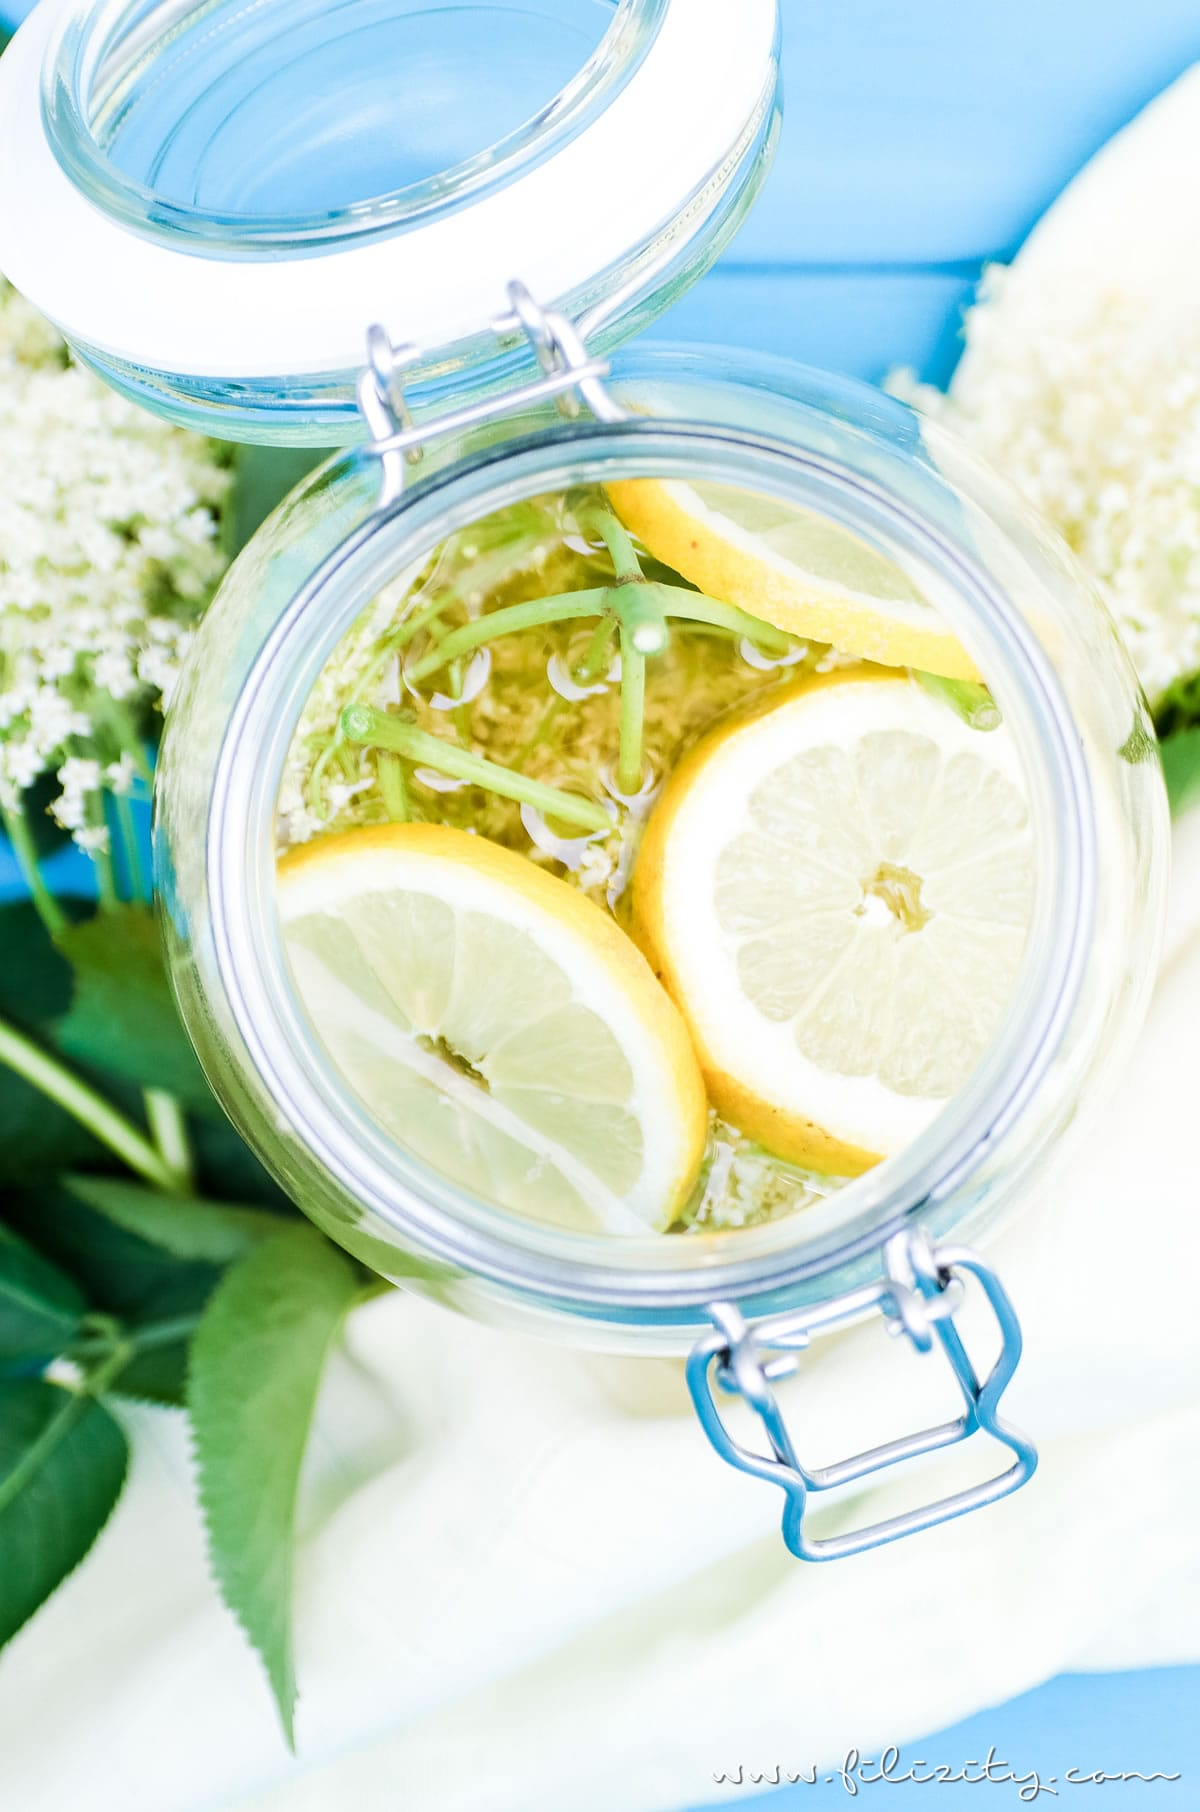 Holunderblüten-Sirup / Hollersirup selber machen - So geht's | Einfaches Rezept mit nur 3 Zutaten | Filizity.com | Food-Blog aus dem Rheinland #holunder #holler #sommer